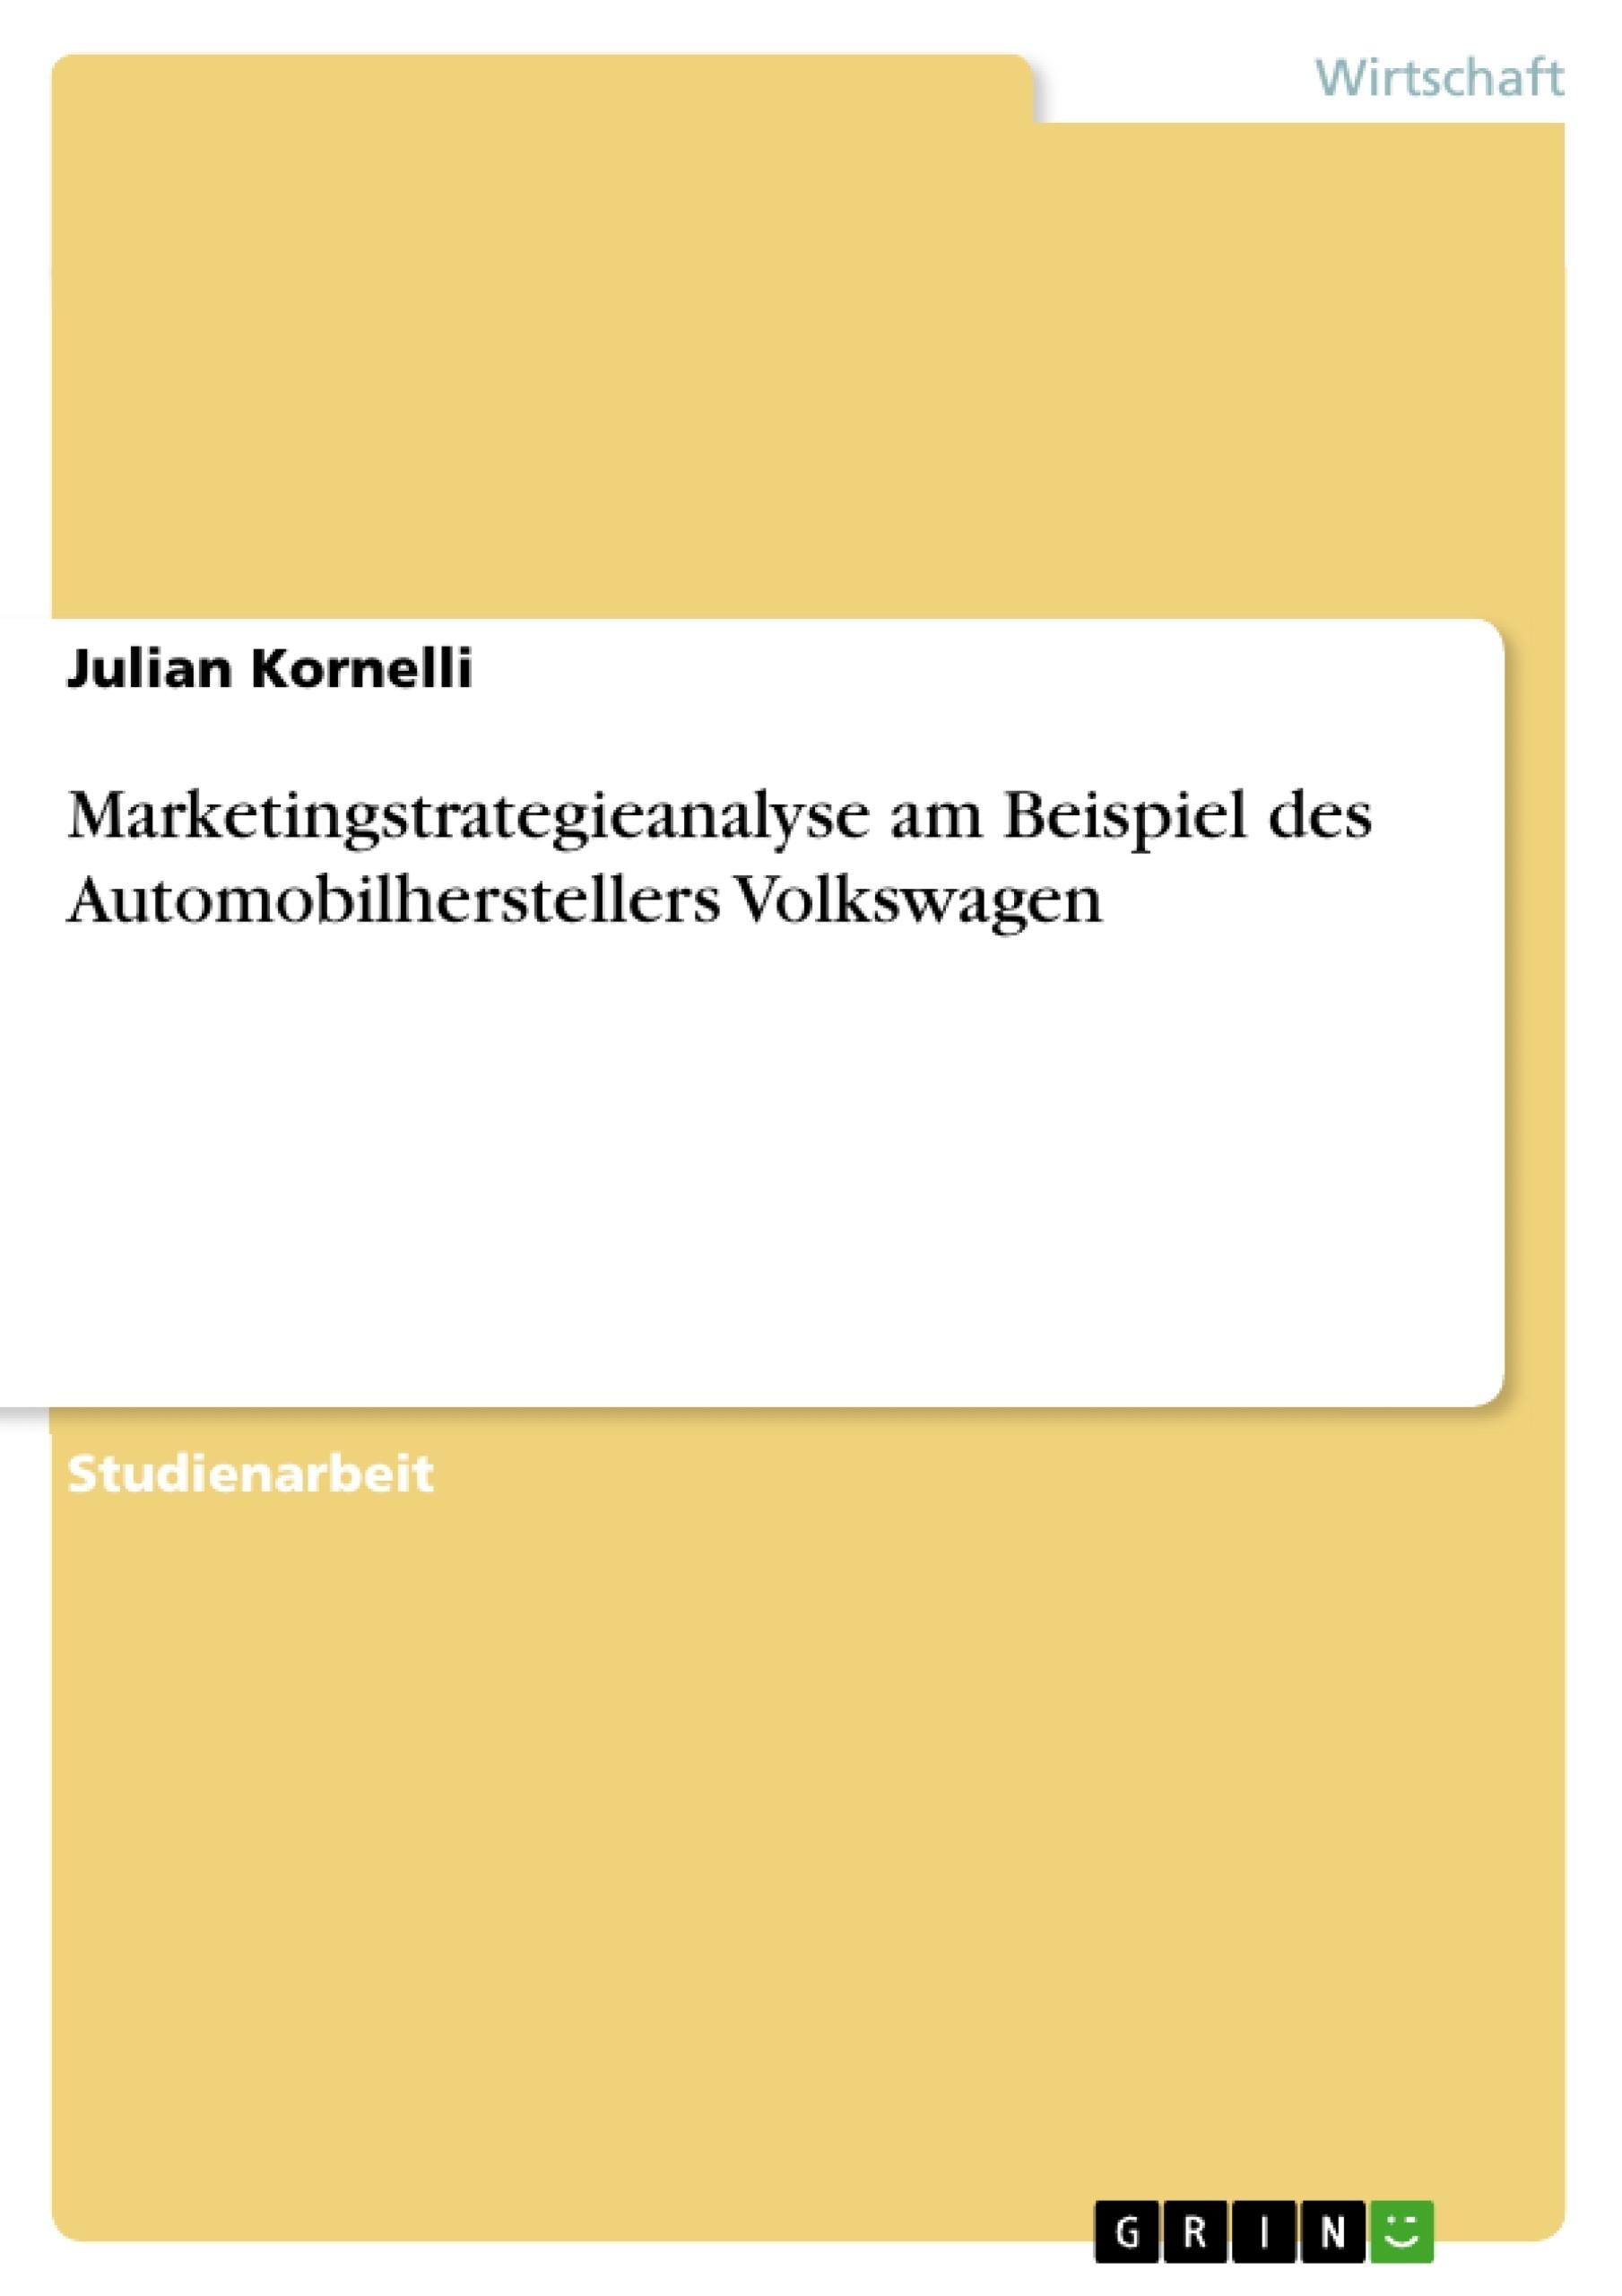 Titel: Marketingstrategieanalyse am Beispiel des Automobilherstellers Volkswagen